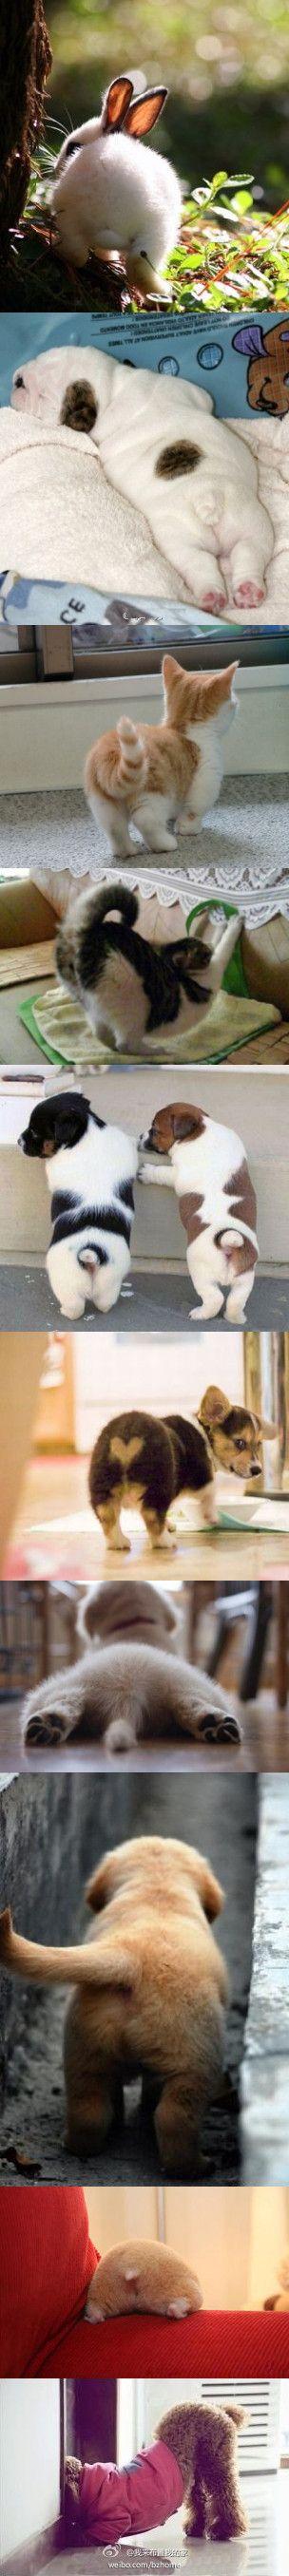 Cute little bums!